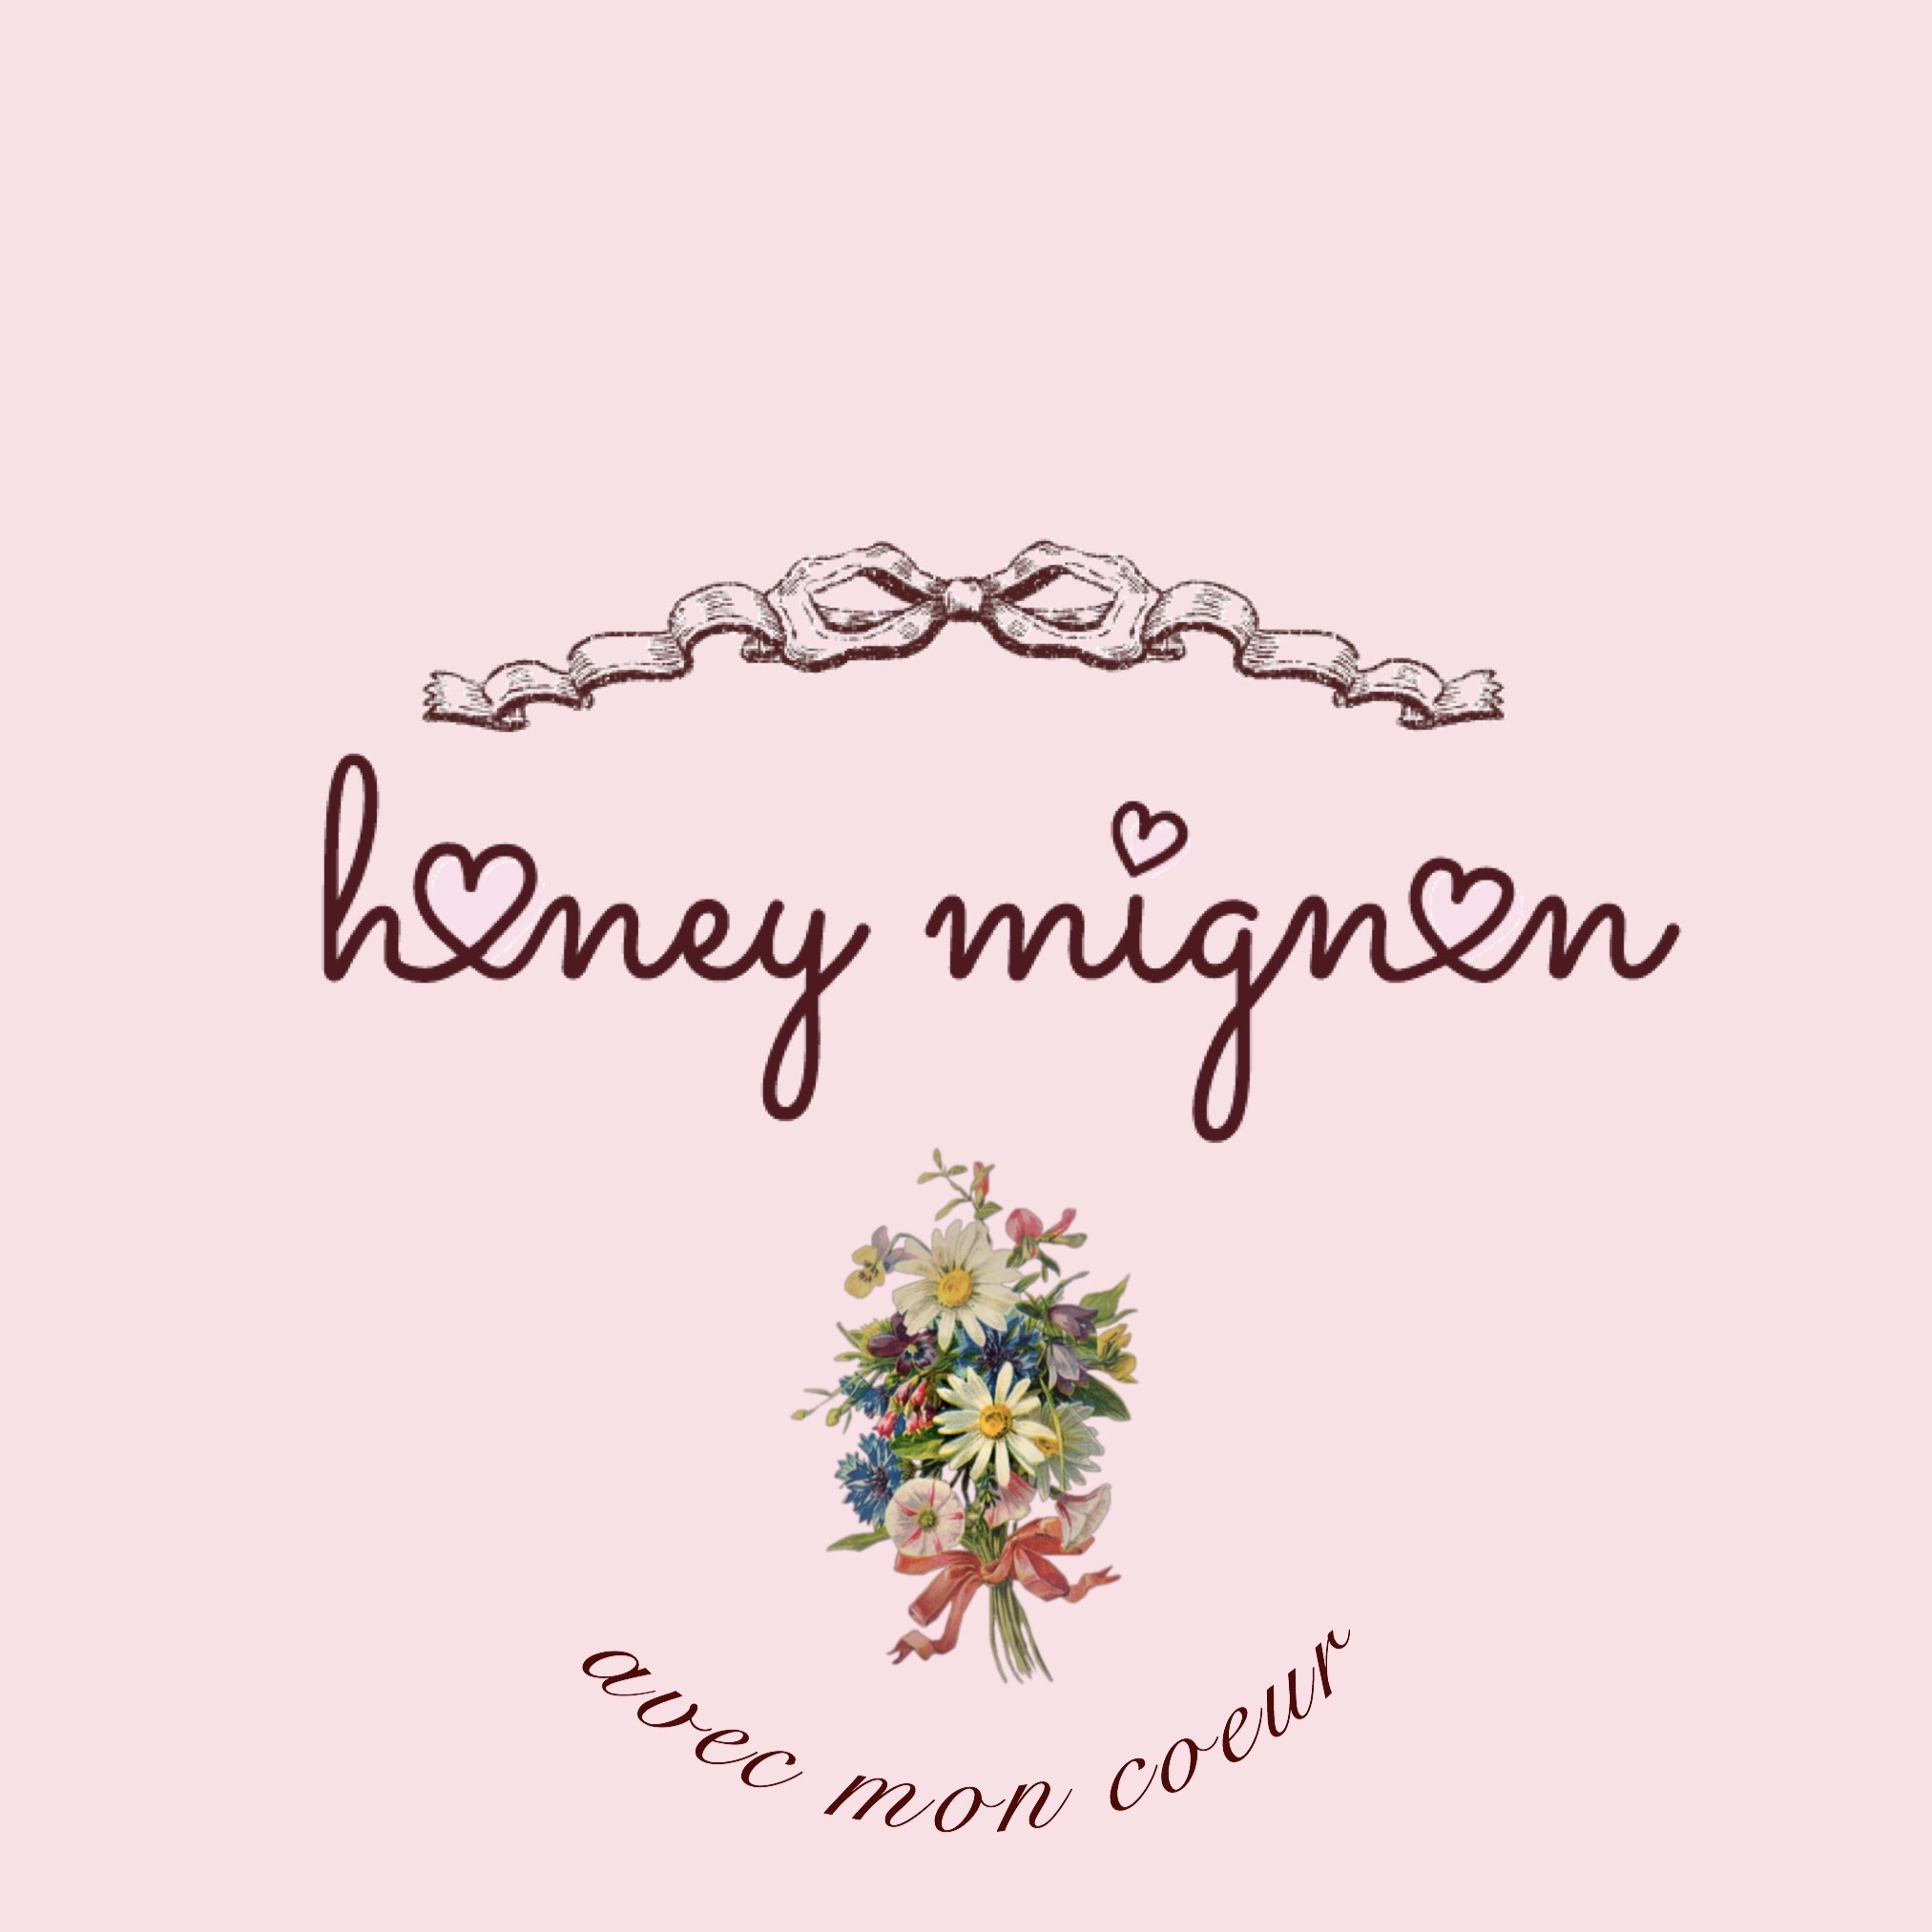 honeymignon